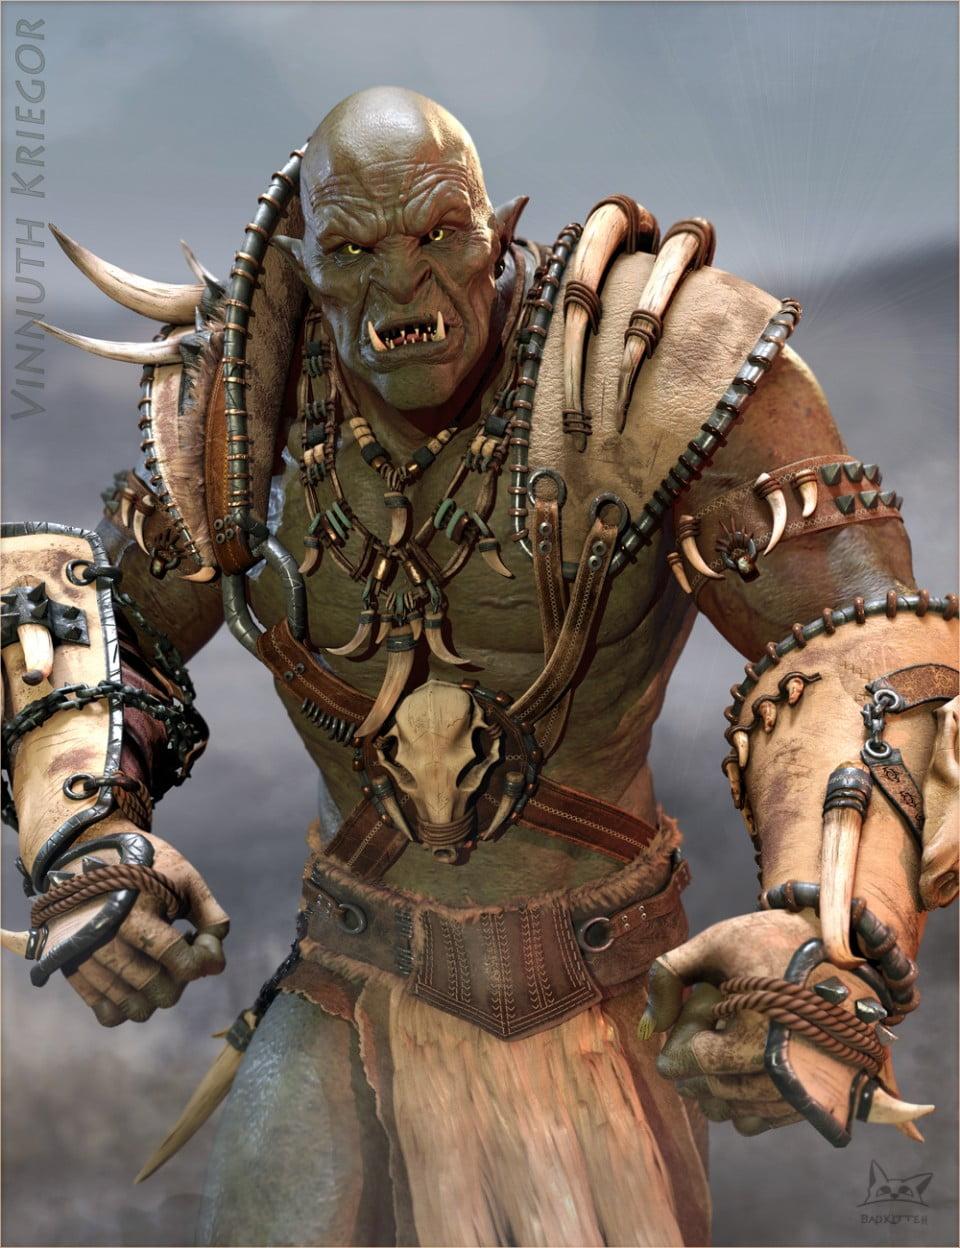 Vinnuth Kriegor Battle Mega Armor for Genesis 8 Male(s)